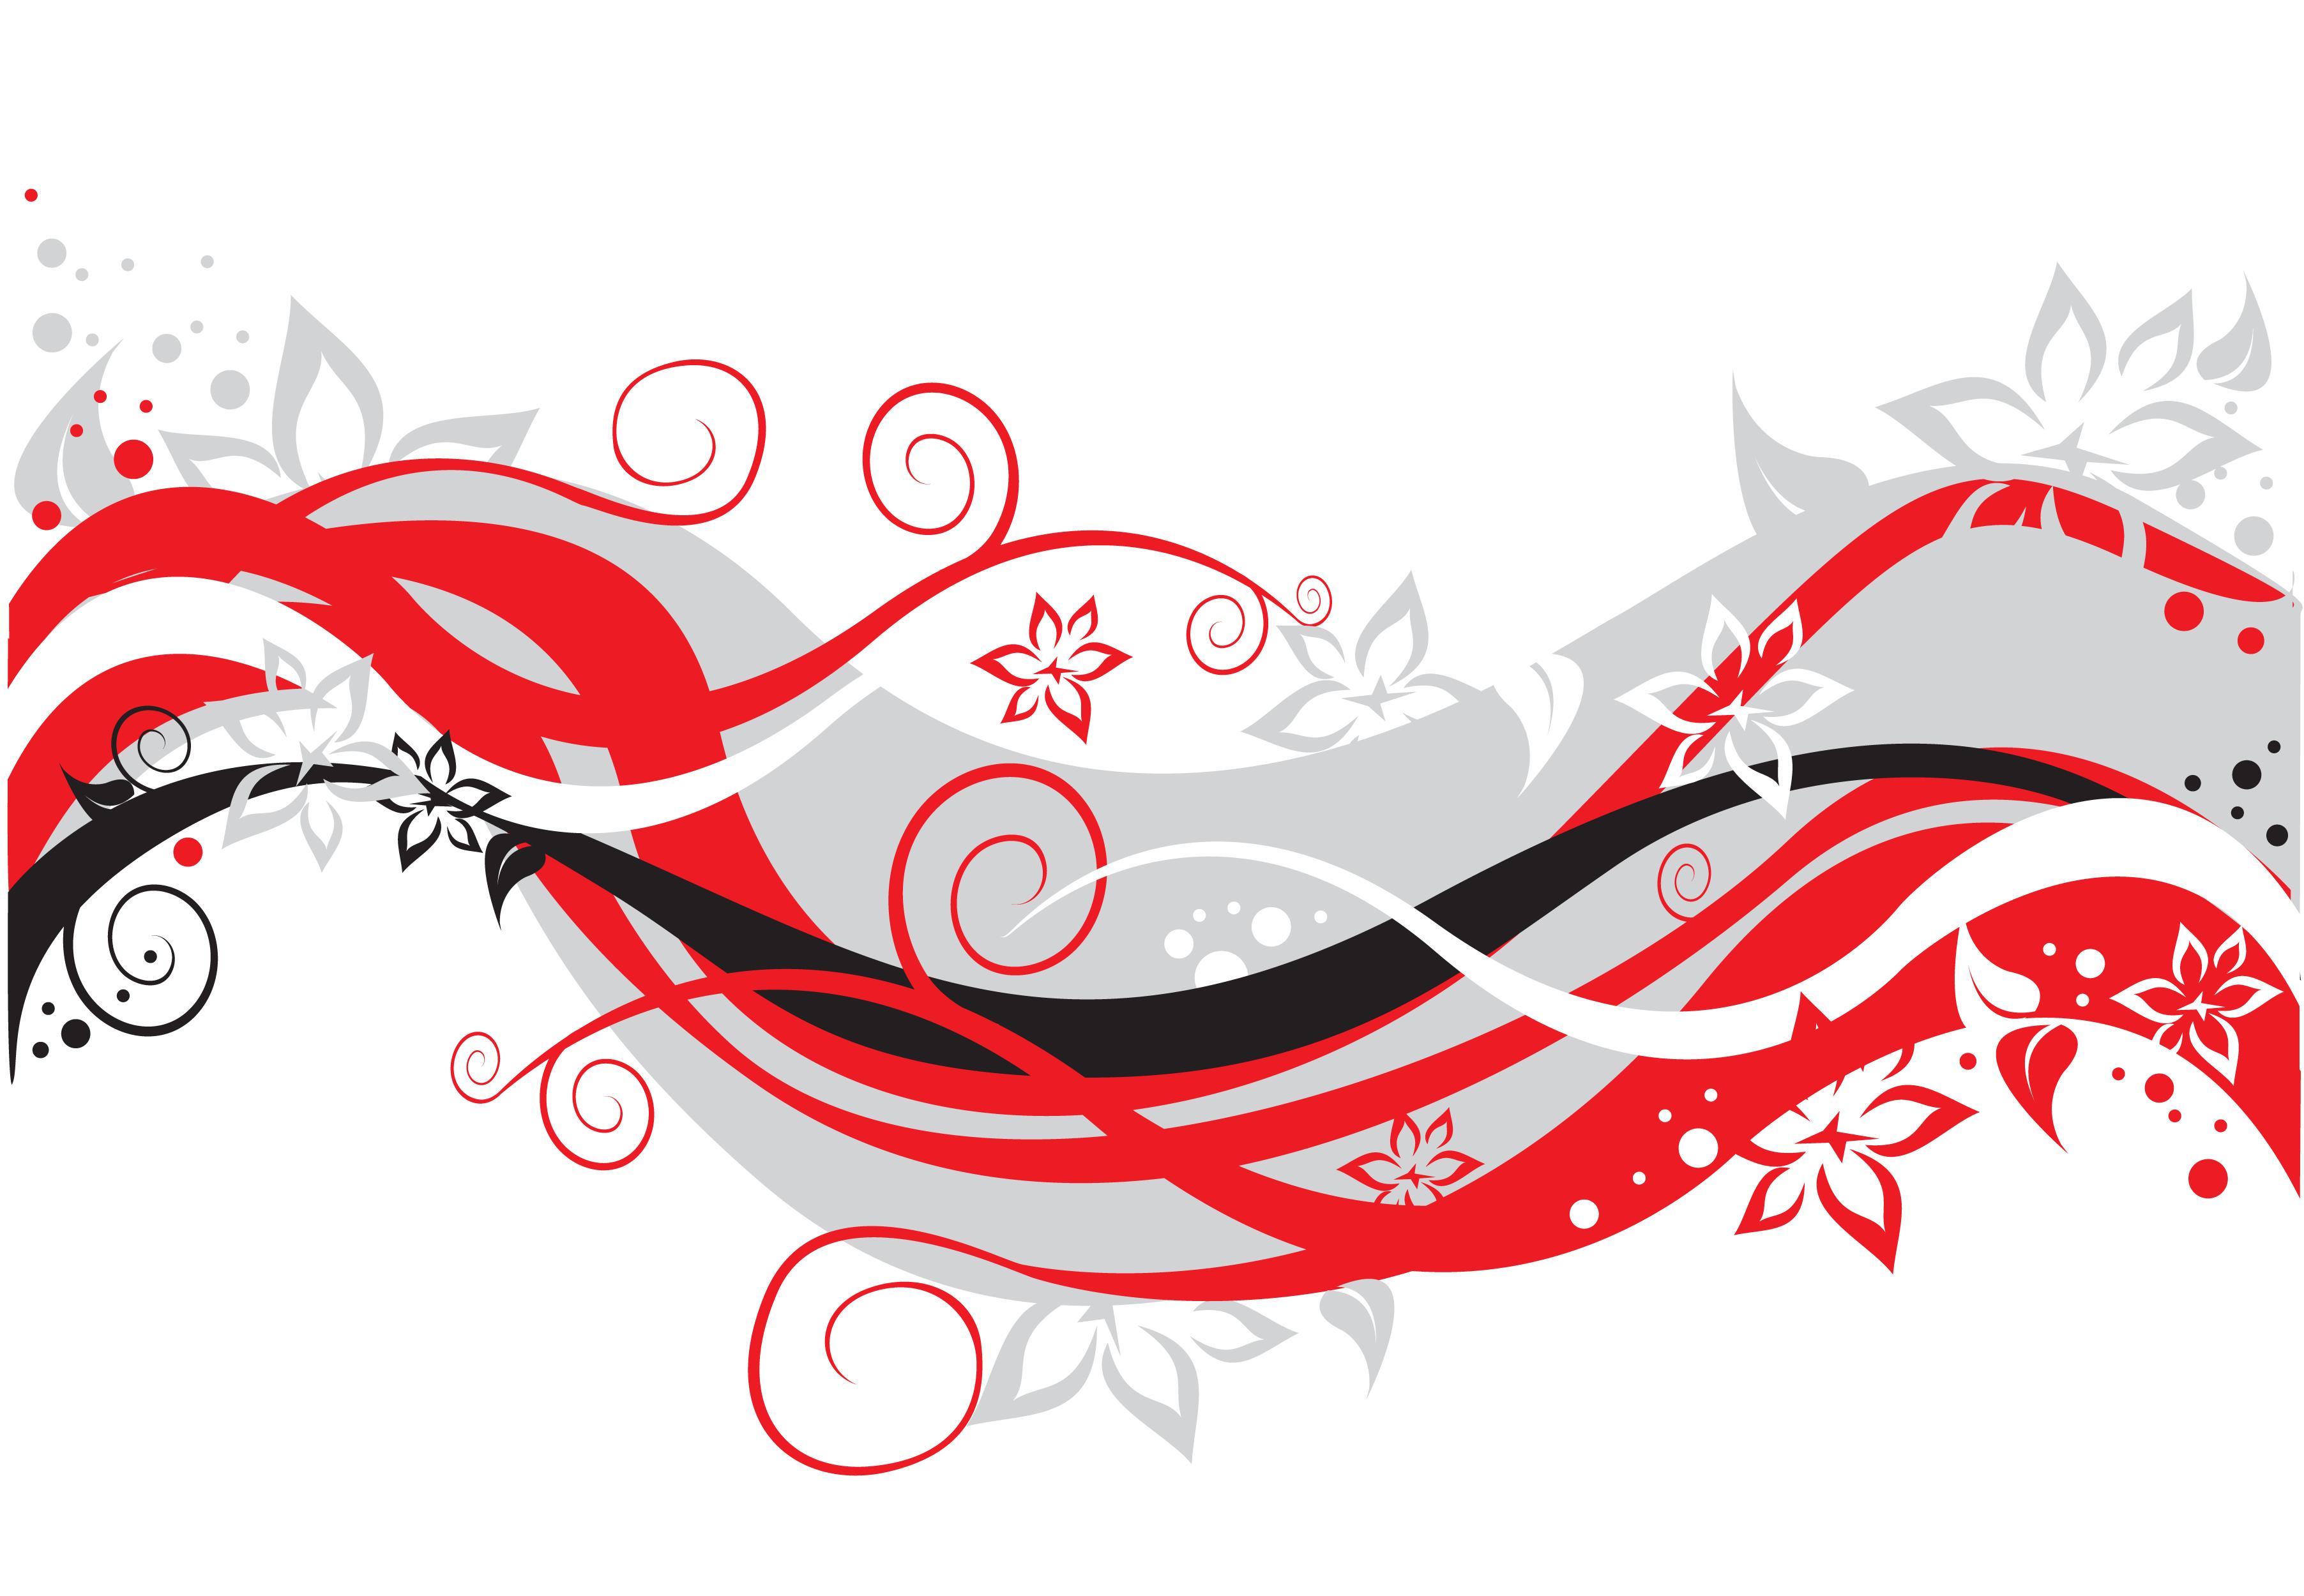 花のイラスト フリー素材 壁紙 背景no 779 カラフルライン 赤白黒